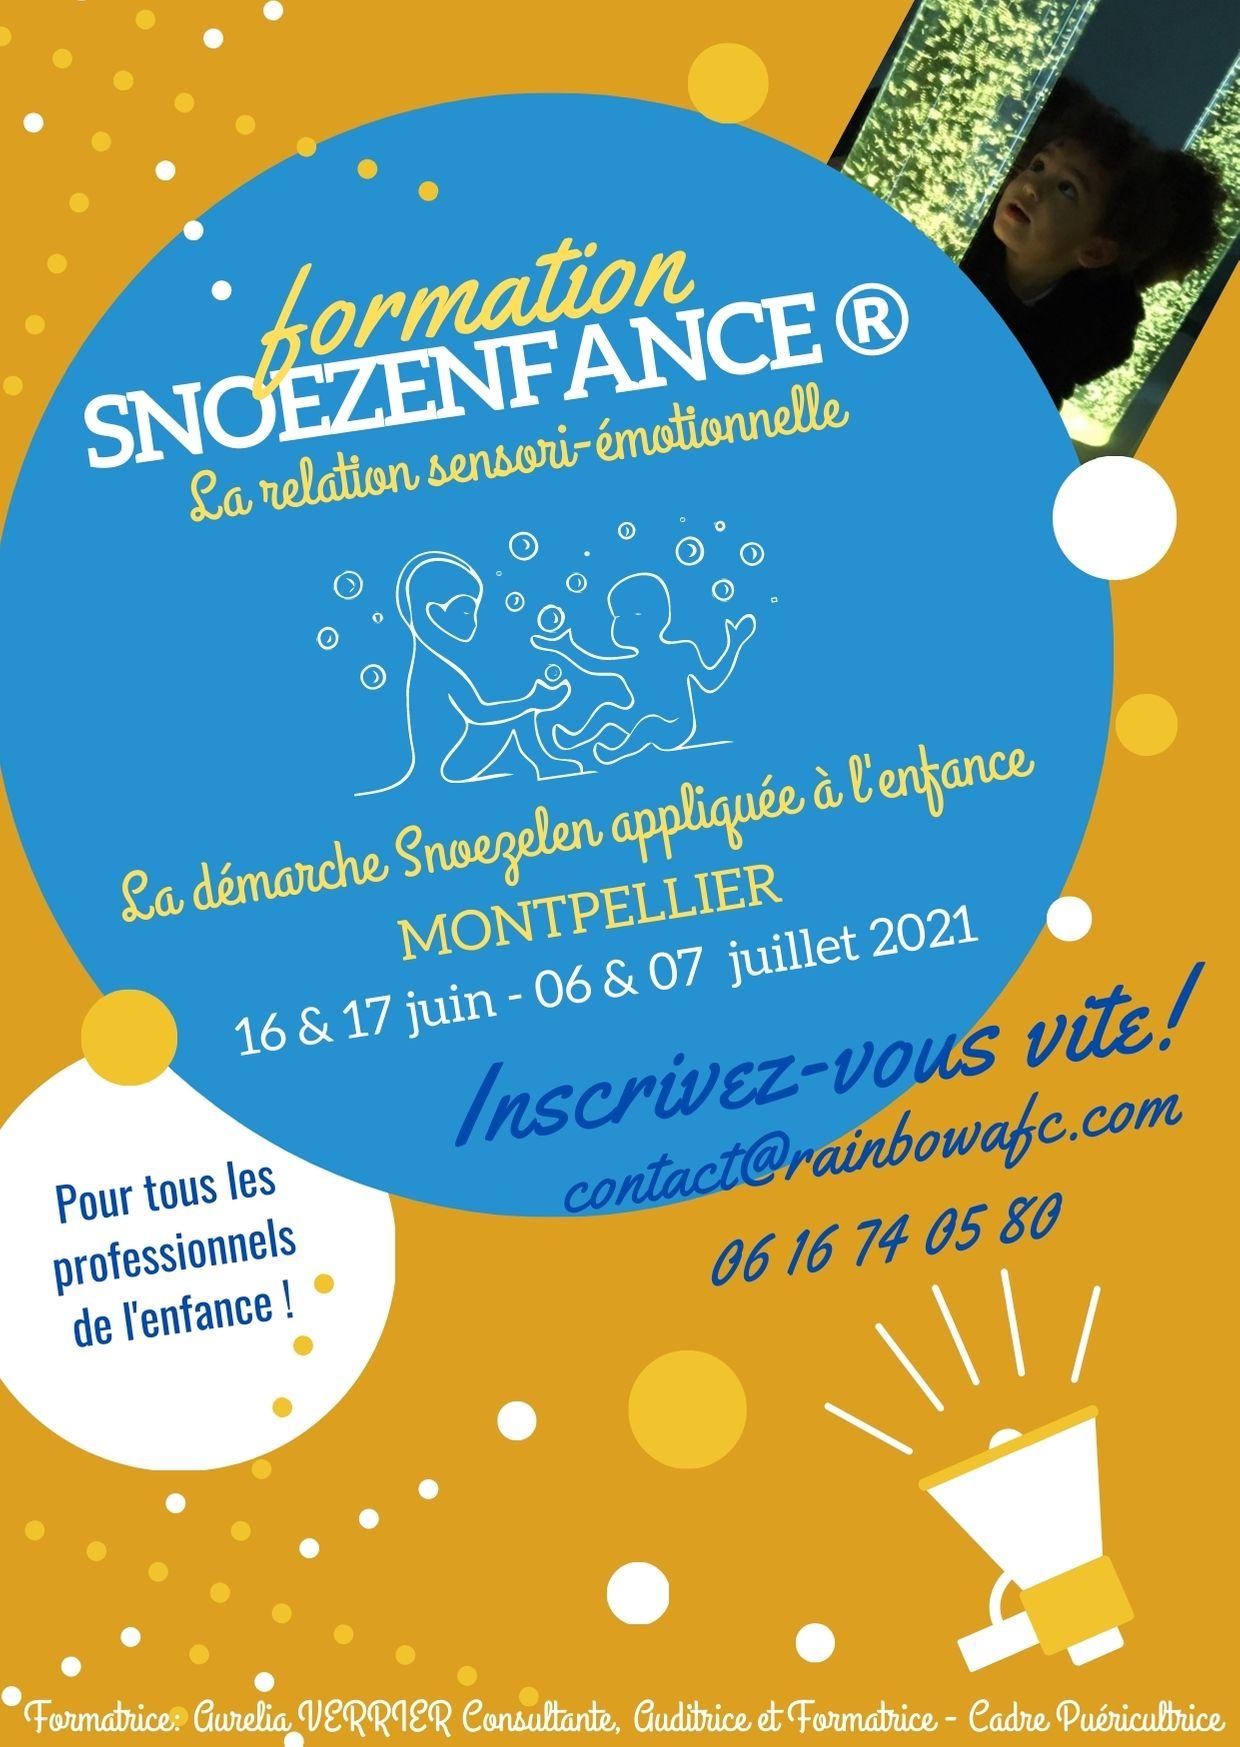 flyer ocre et bleu formation Snoezenfance Montpellier juin et juillet 2021